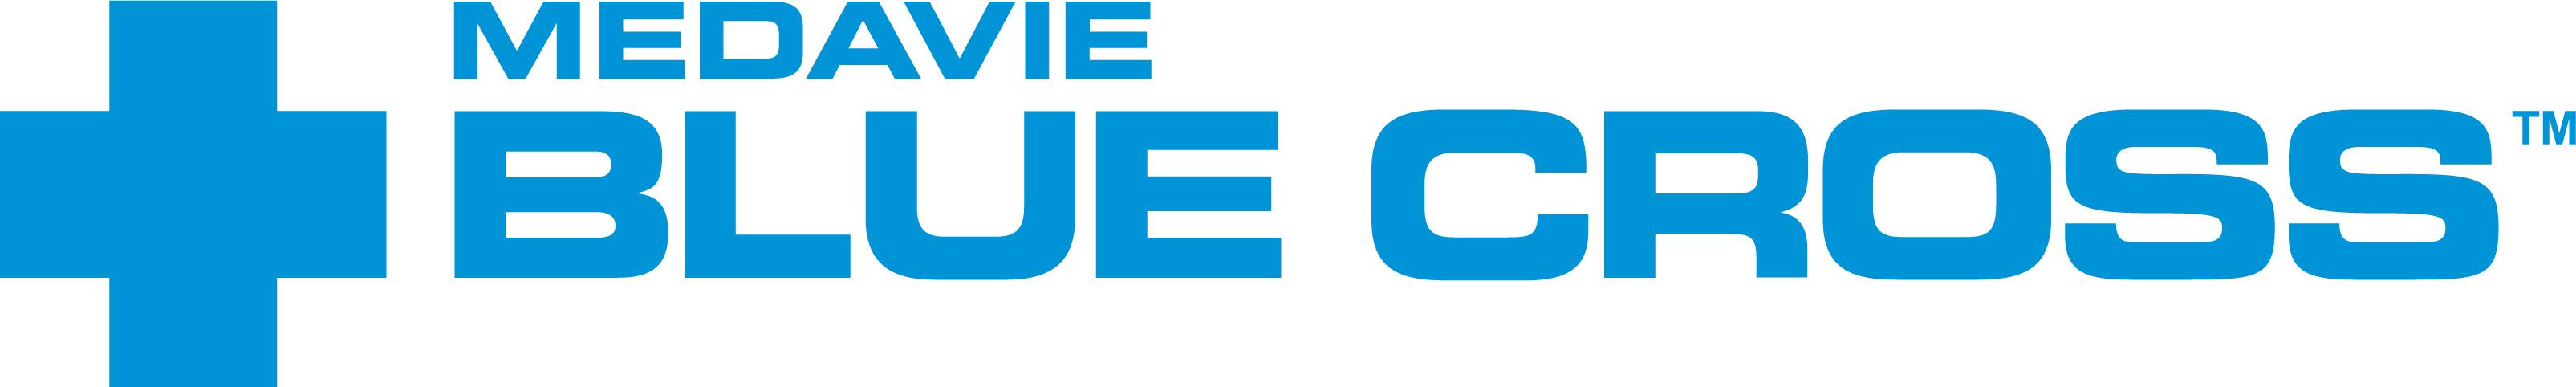 Medavie Blue Cross's Logo